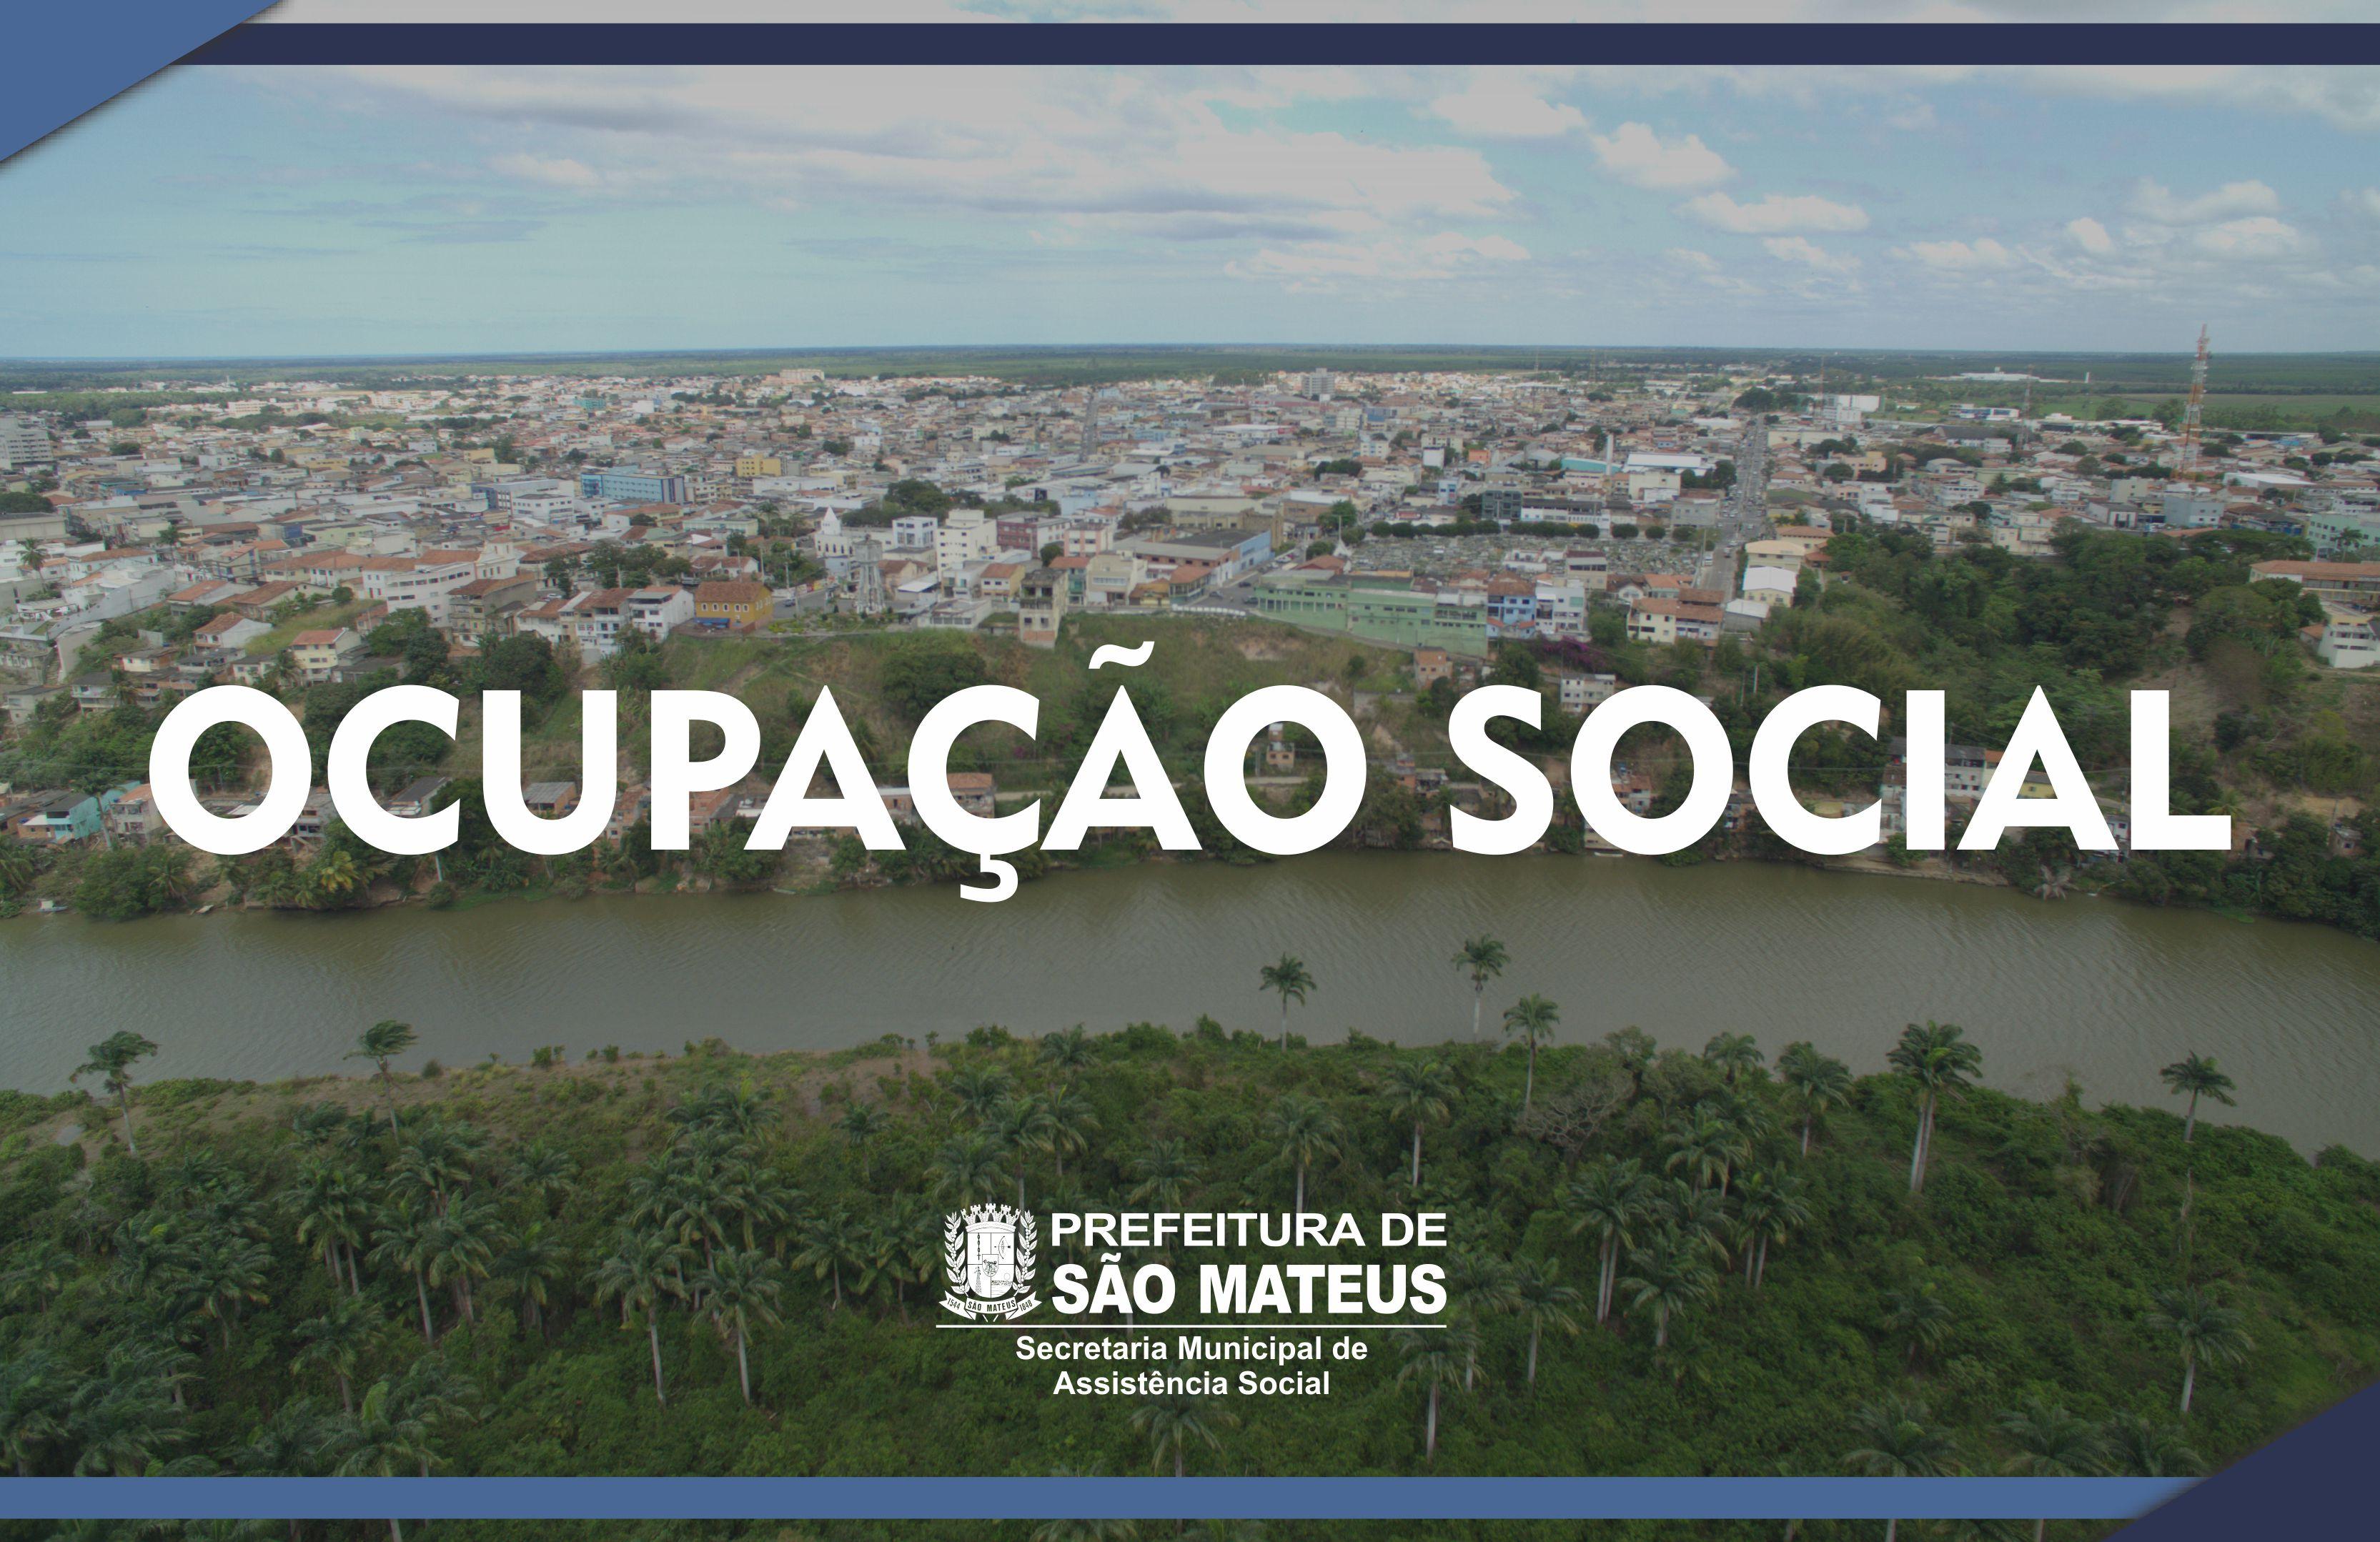 Prefeitura de São Mateus,adere ao Programa Ocupação Social